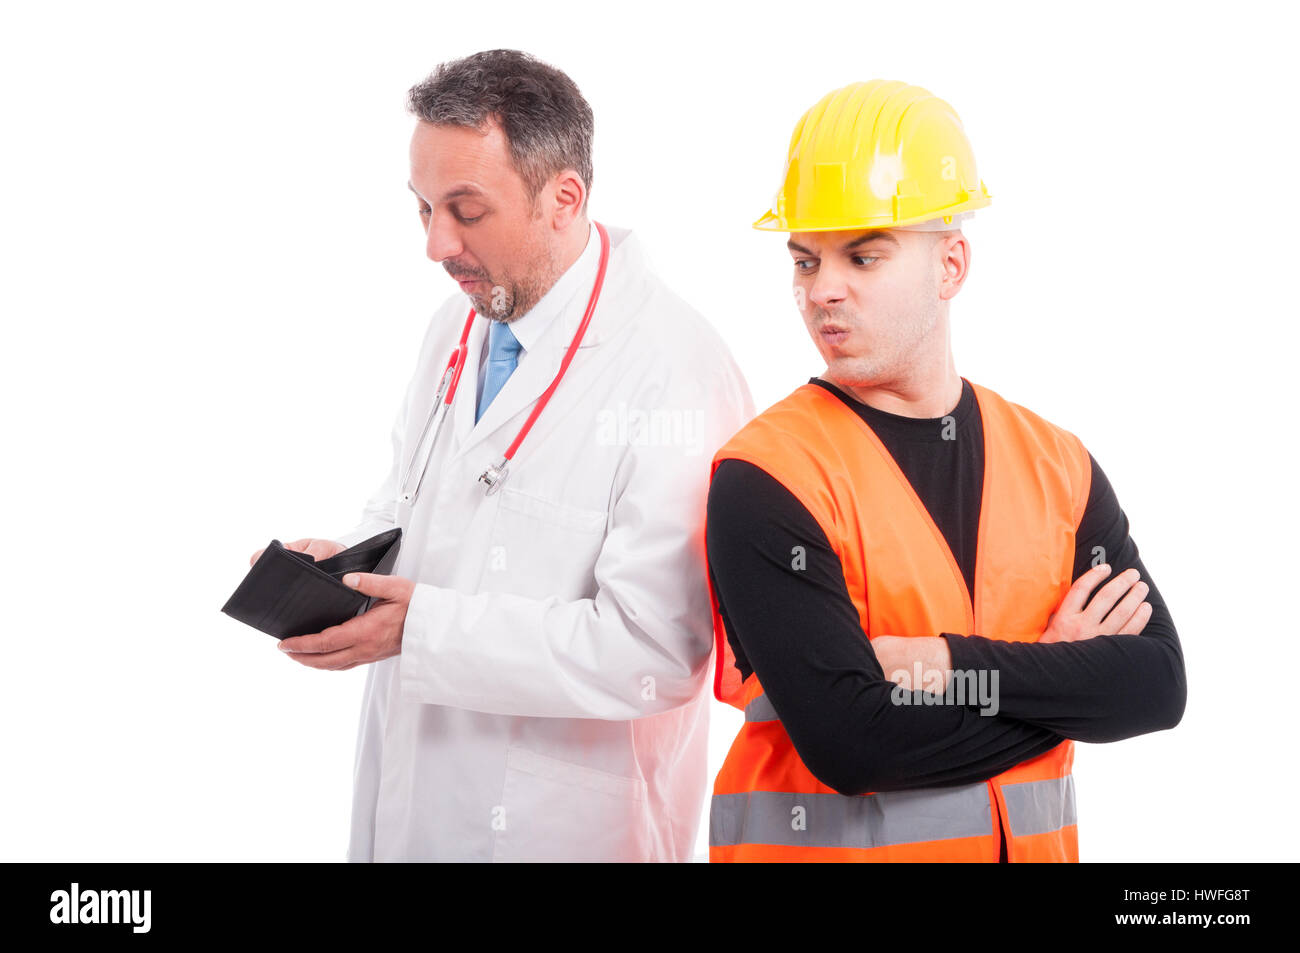 Medic buscando constructores de comprobación de contenido monedero y constructor está enojado o enojada Imagen De Stock